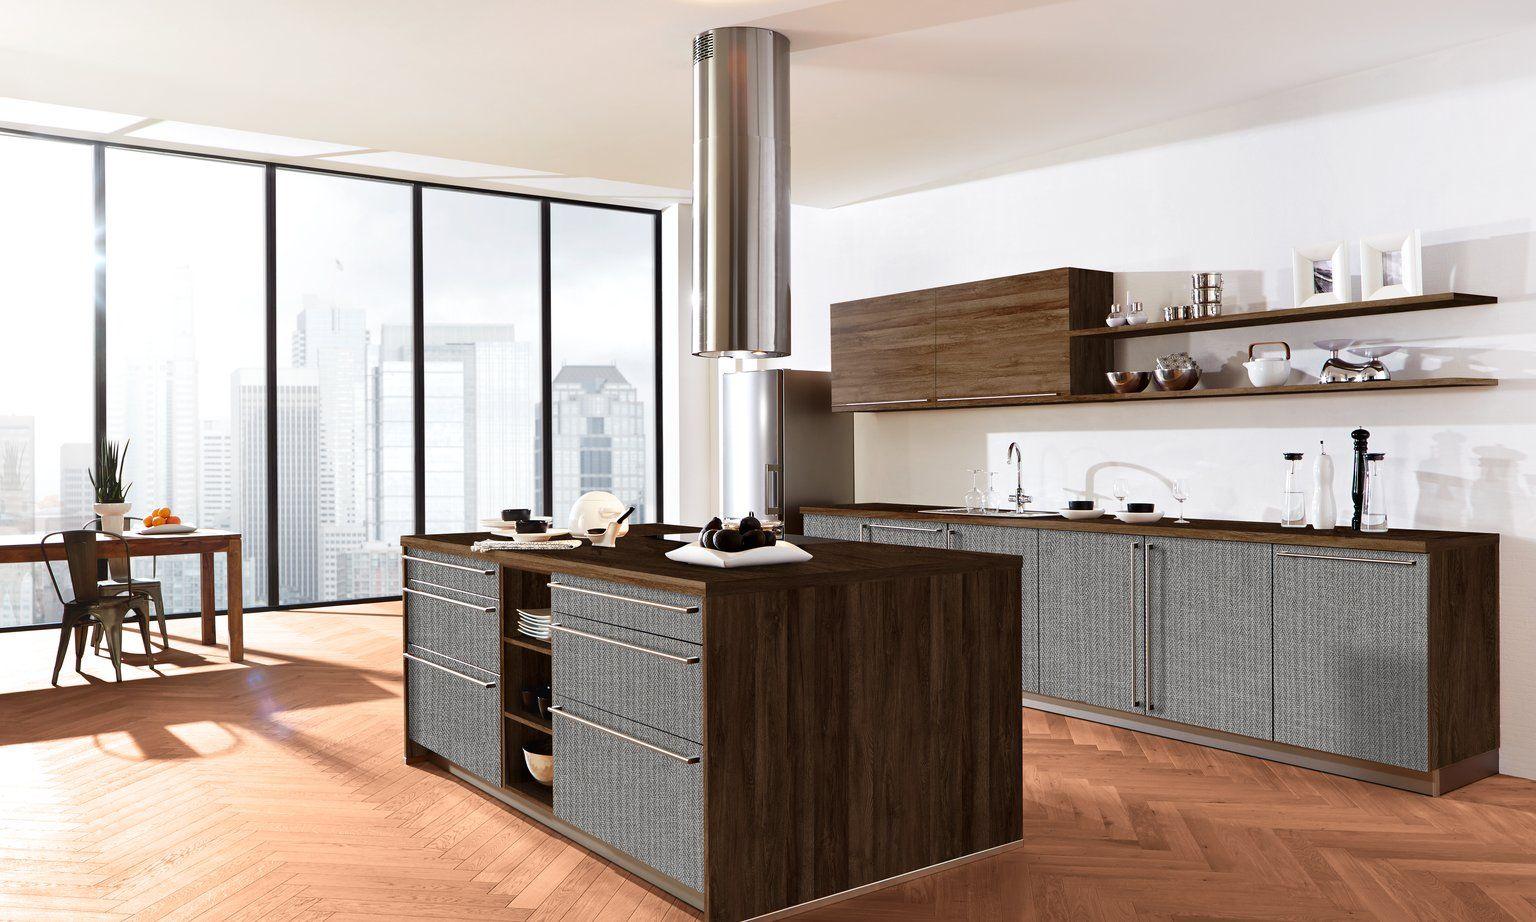 Küche Mit Kochinsel Günstig   Best Home Decor